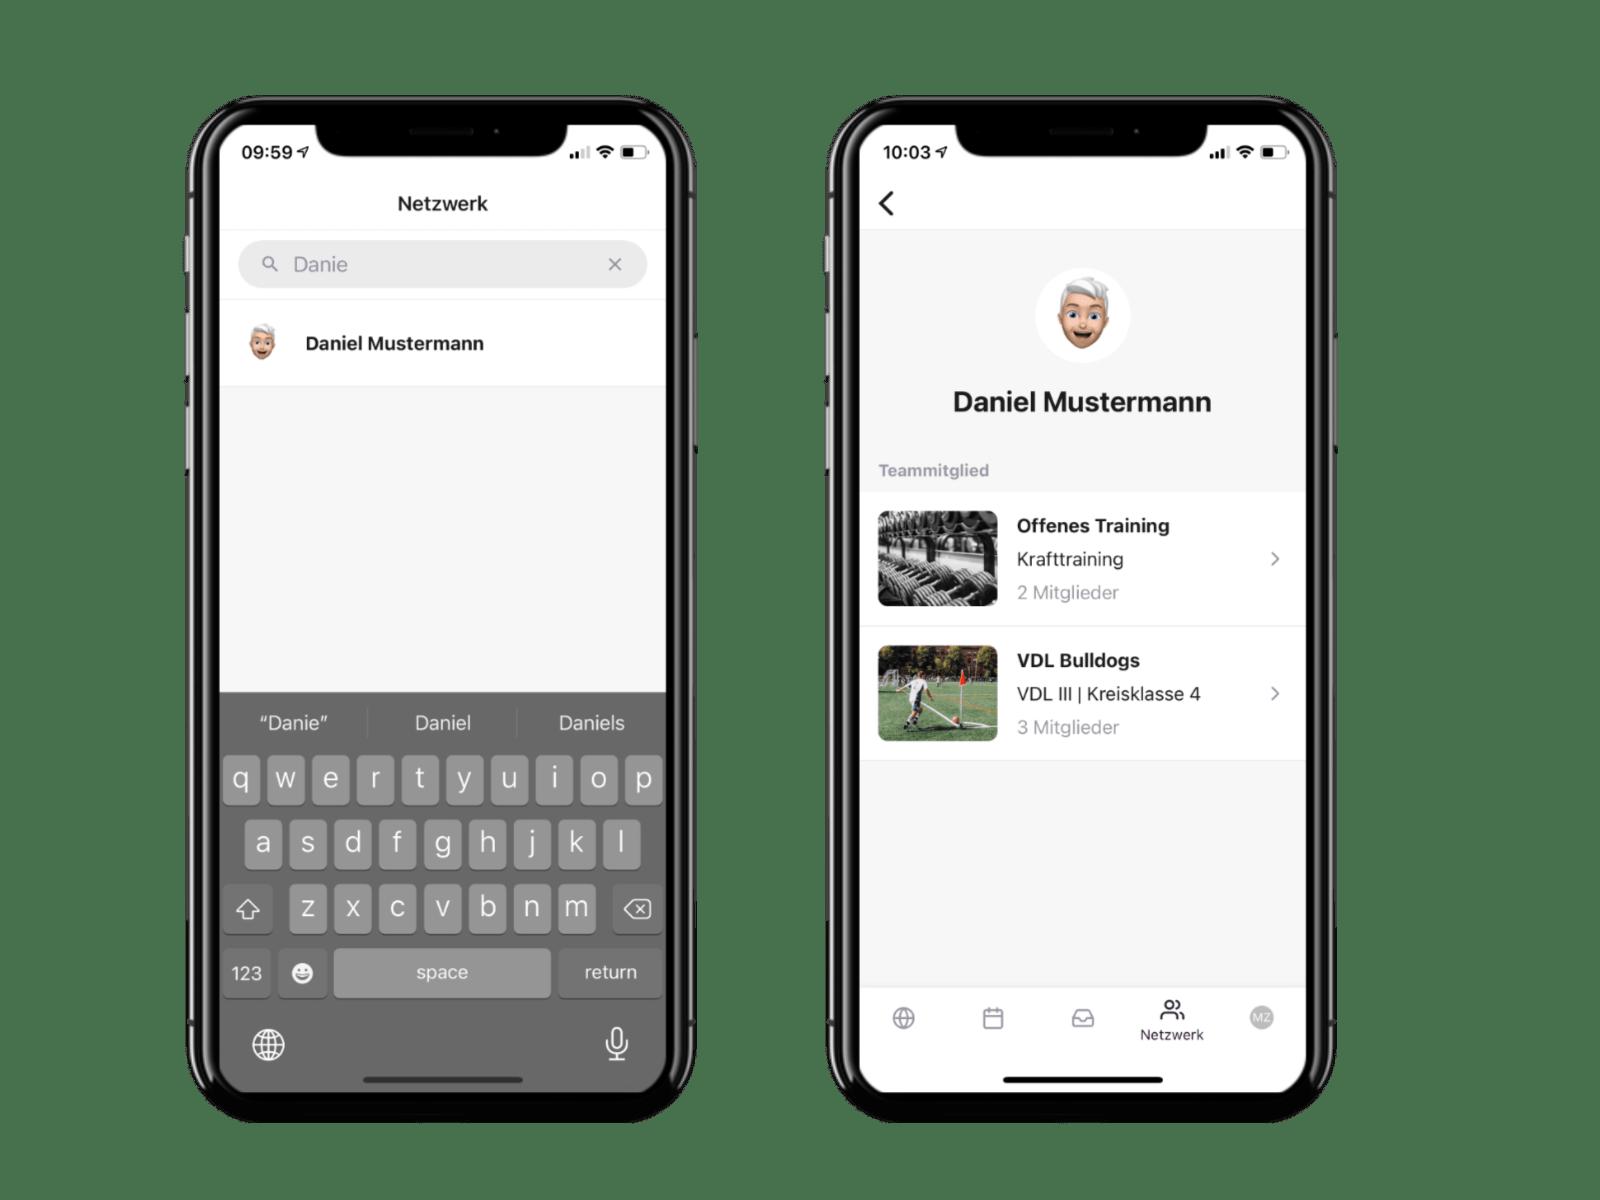 Die Vereinsapp zeigt eine Liste der Mitglieder im Netzwerk und ein Mitgliederprofil auf zwei Handys an.